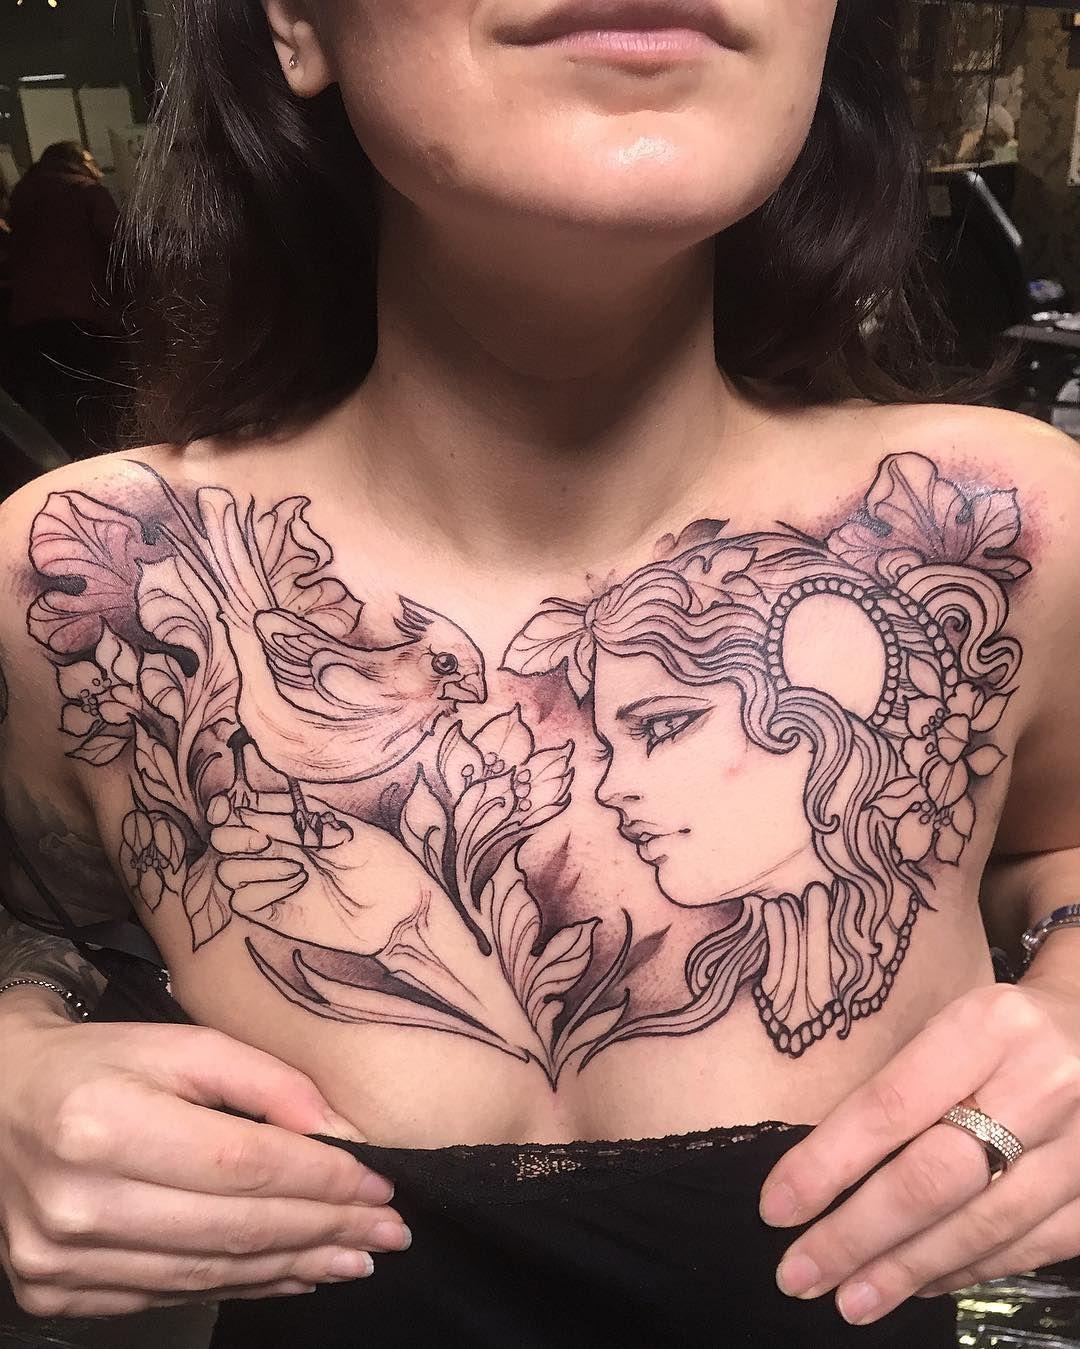 Pin By Jen Duffy On Tattoos: Pin By Jennifer Anto On Beautiful Tattoos